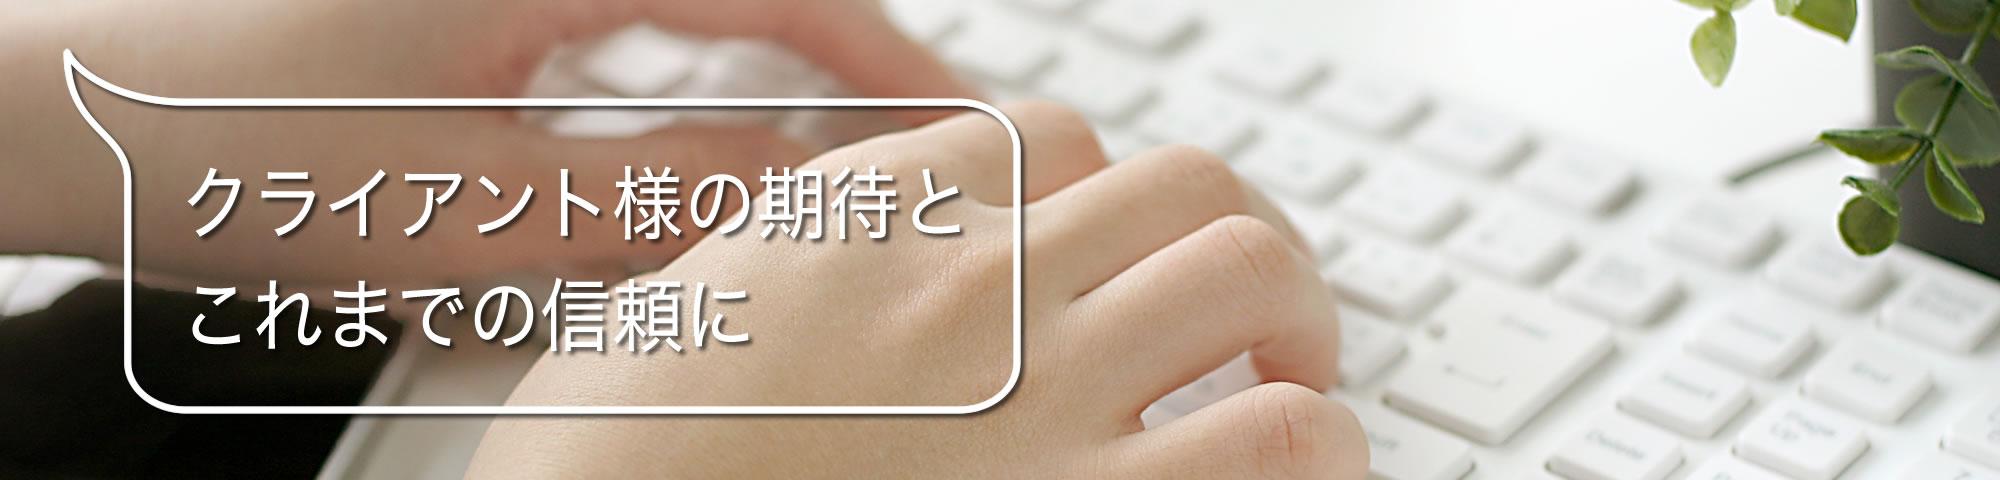 仙台のホームページ作成なら低価格ながらも高品質なデザインの両立サービスをご提供いたします